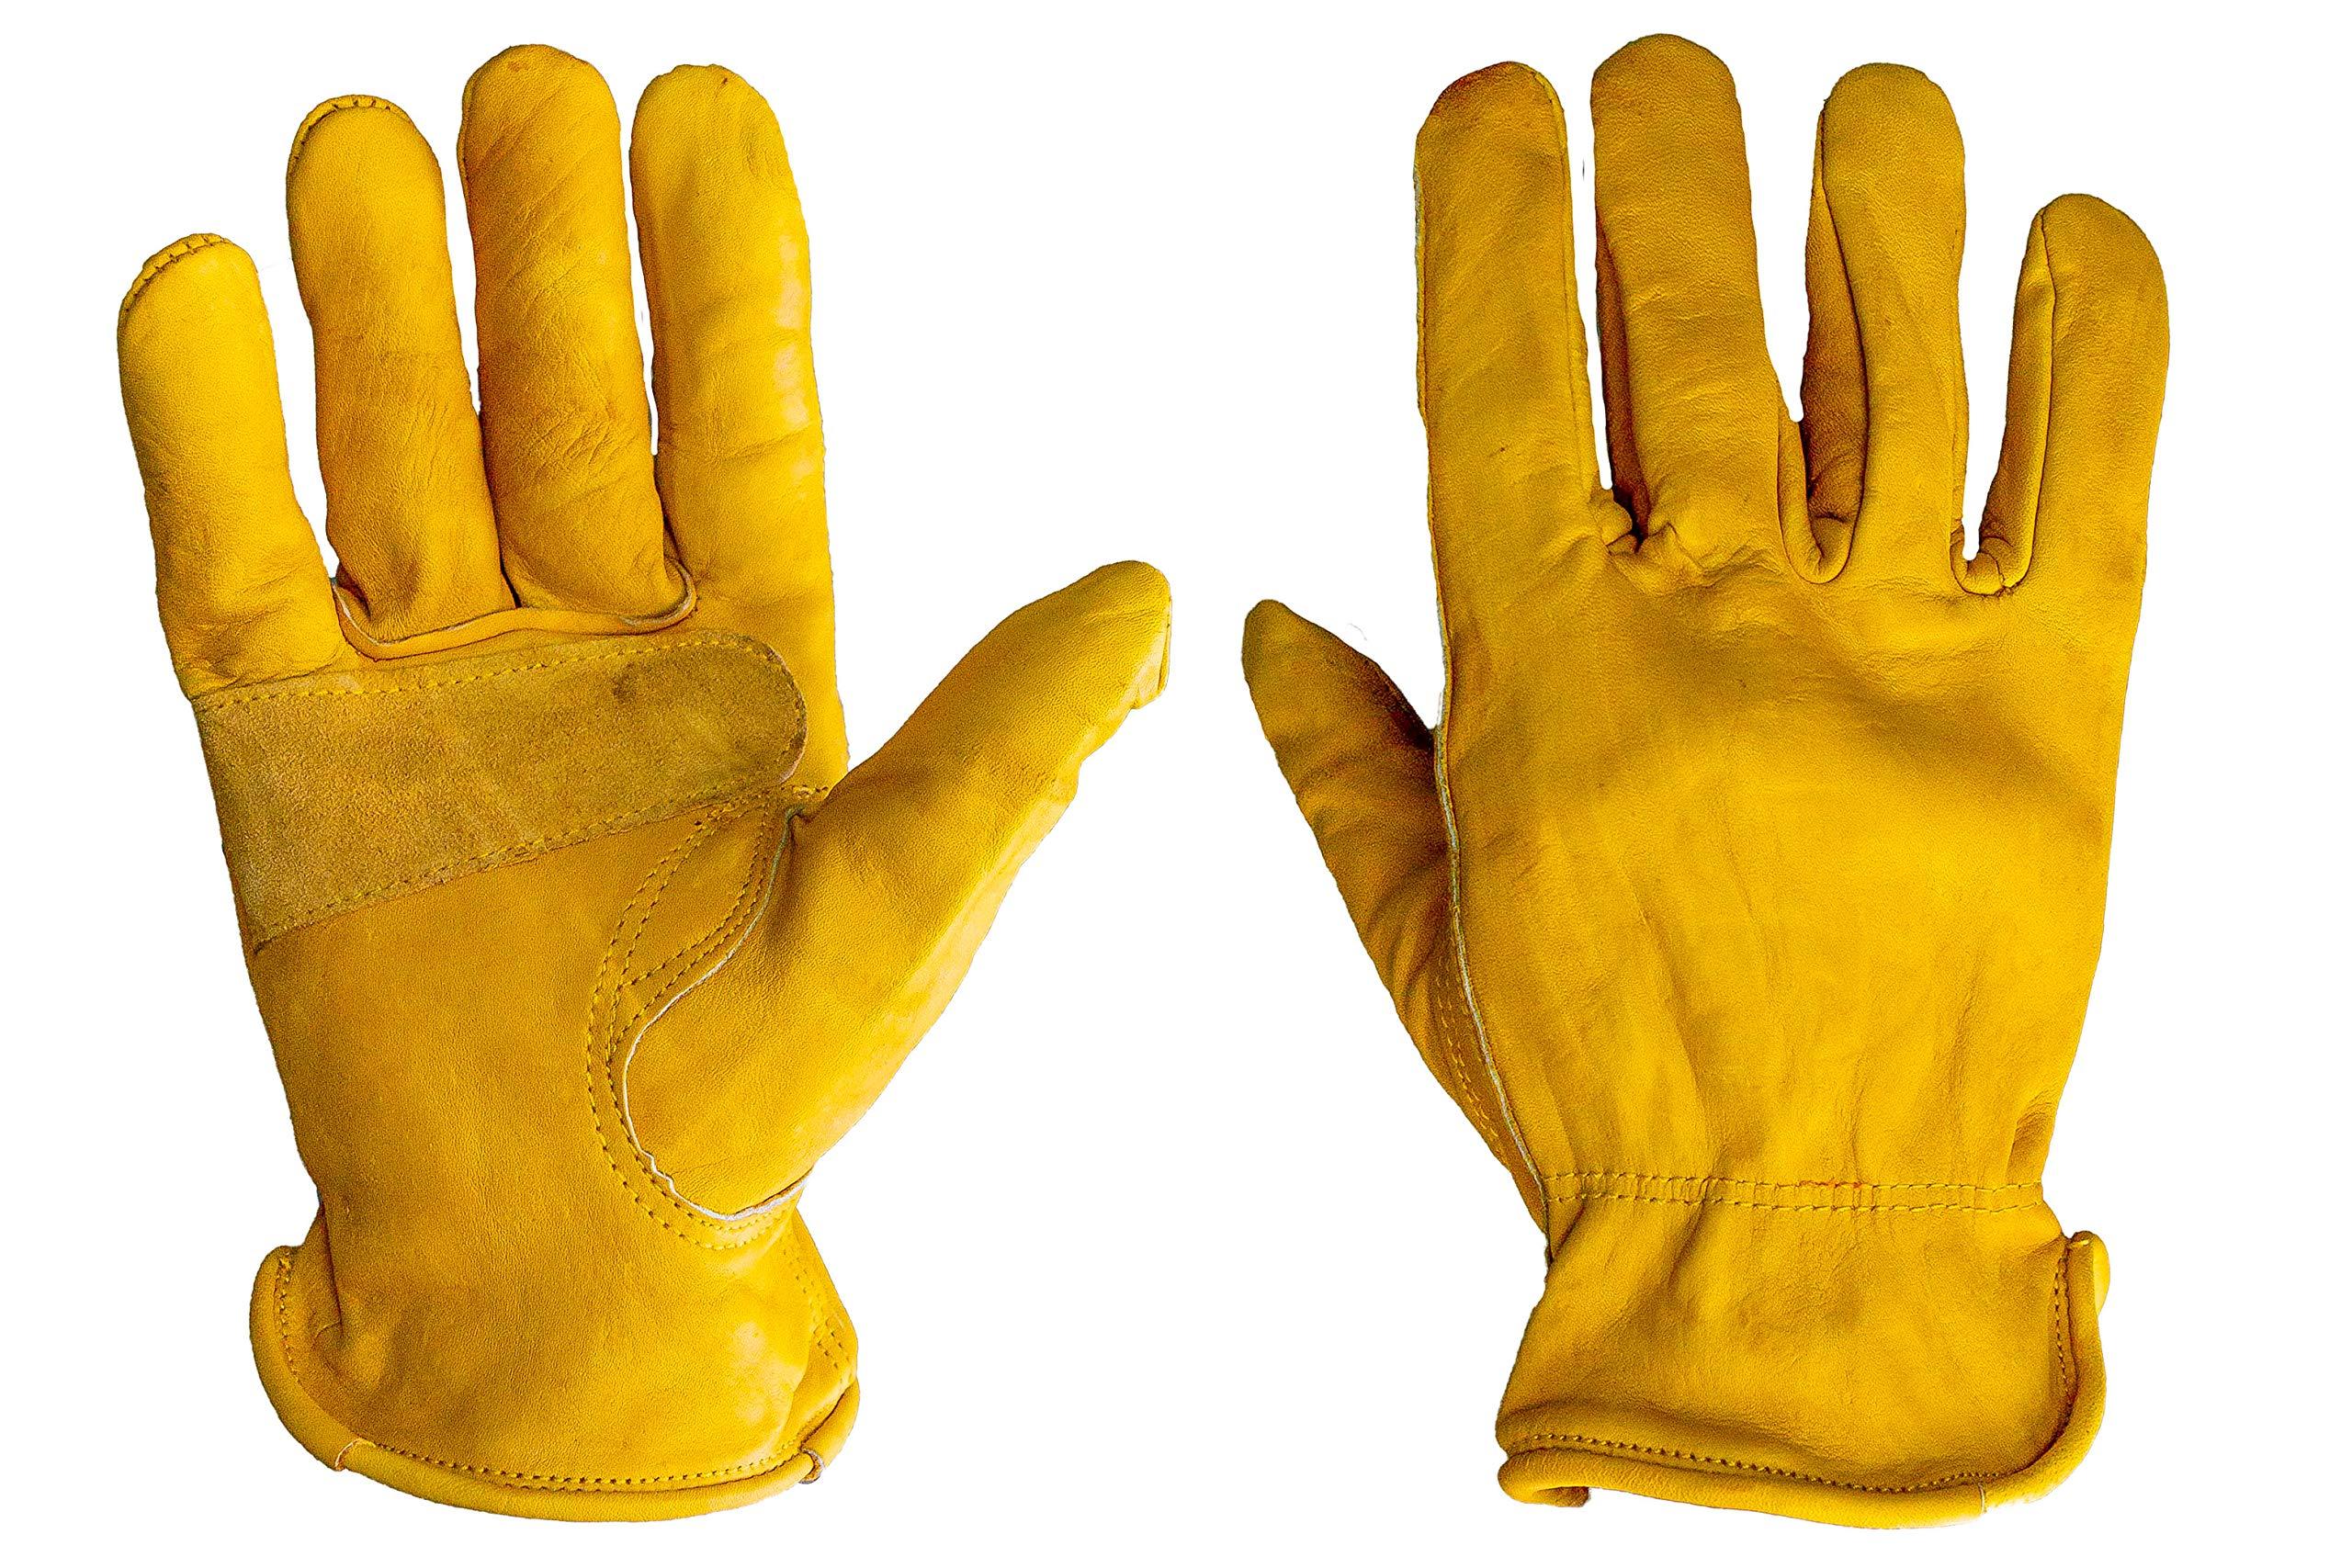 G & F Premium authentique Grain Cuir de vache Gants avec Patch renforcé Palm, 3-pair, jaune, 6203L-3